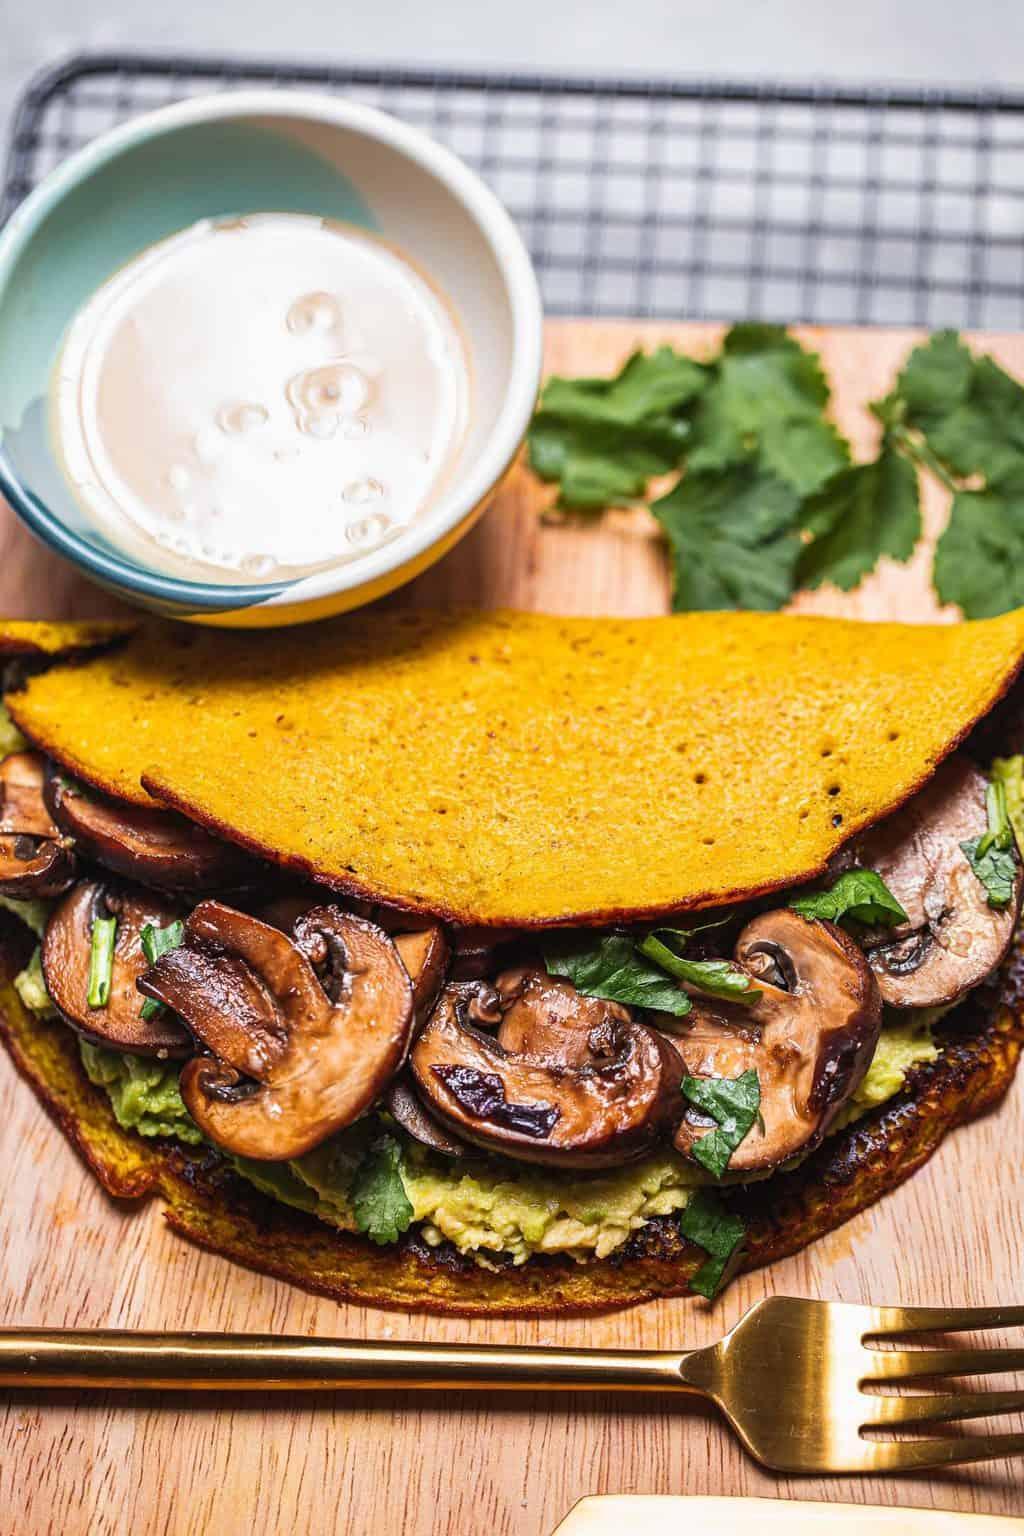 Vegan omelette with mushrooms